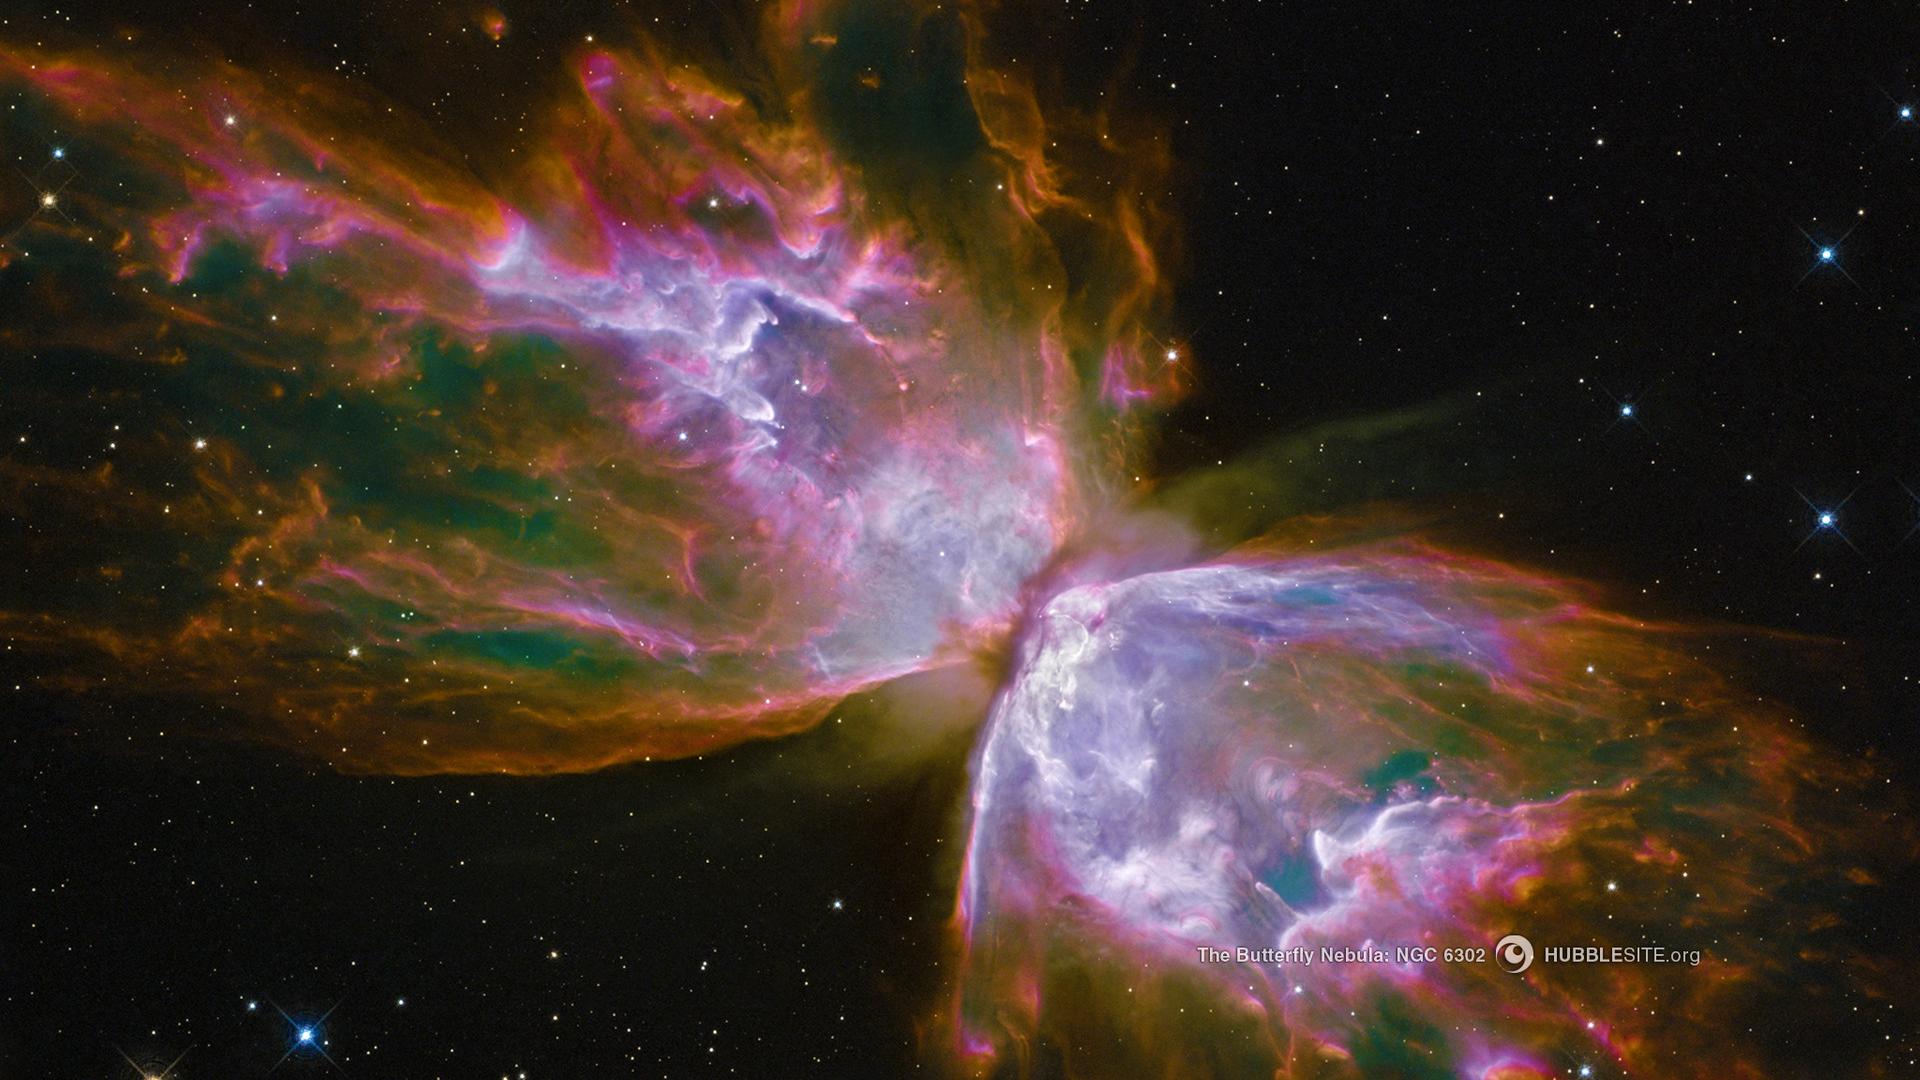 General 1920x1080 space Hubble space art digital art Butterfly Nebula nebula Hubble Deep Field